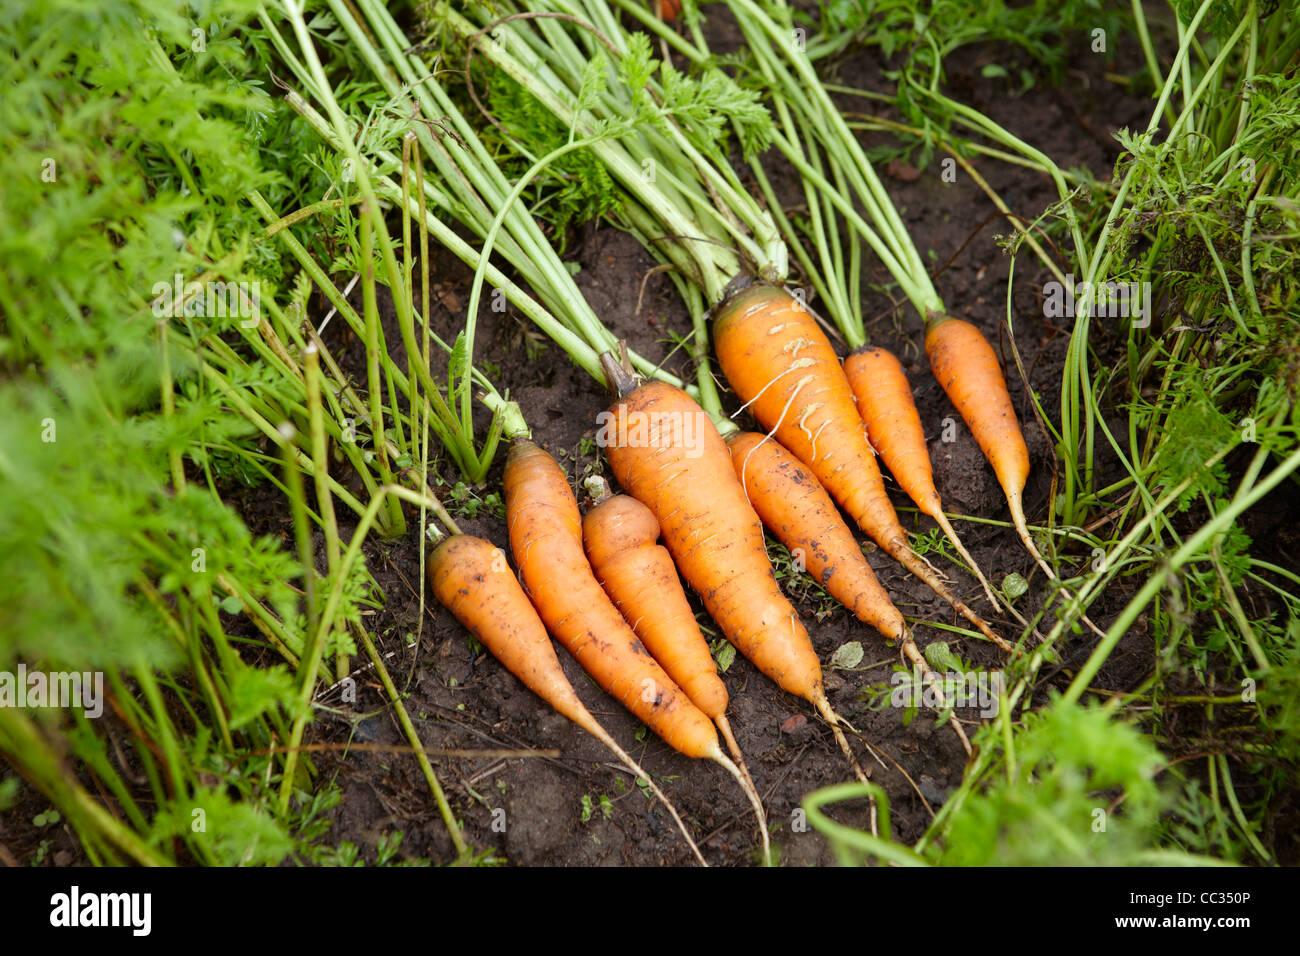 Las Zanahorias Cultivadas Organicamente Nombre Cientifico Daucus Sativus Fotografia De Stock Alamy Crece con en el lenguaje español solo tiene el nombre de zanahoria. https www alamy es foto las zanahorias cultivadas organicamente nombre cientifico daucus sativus 41866406 html